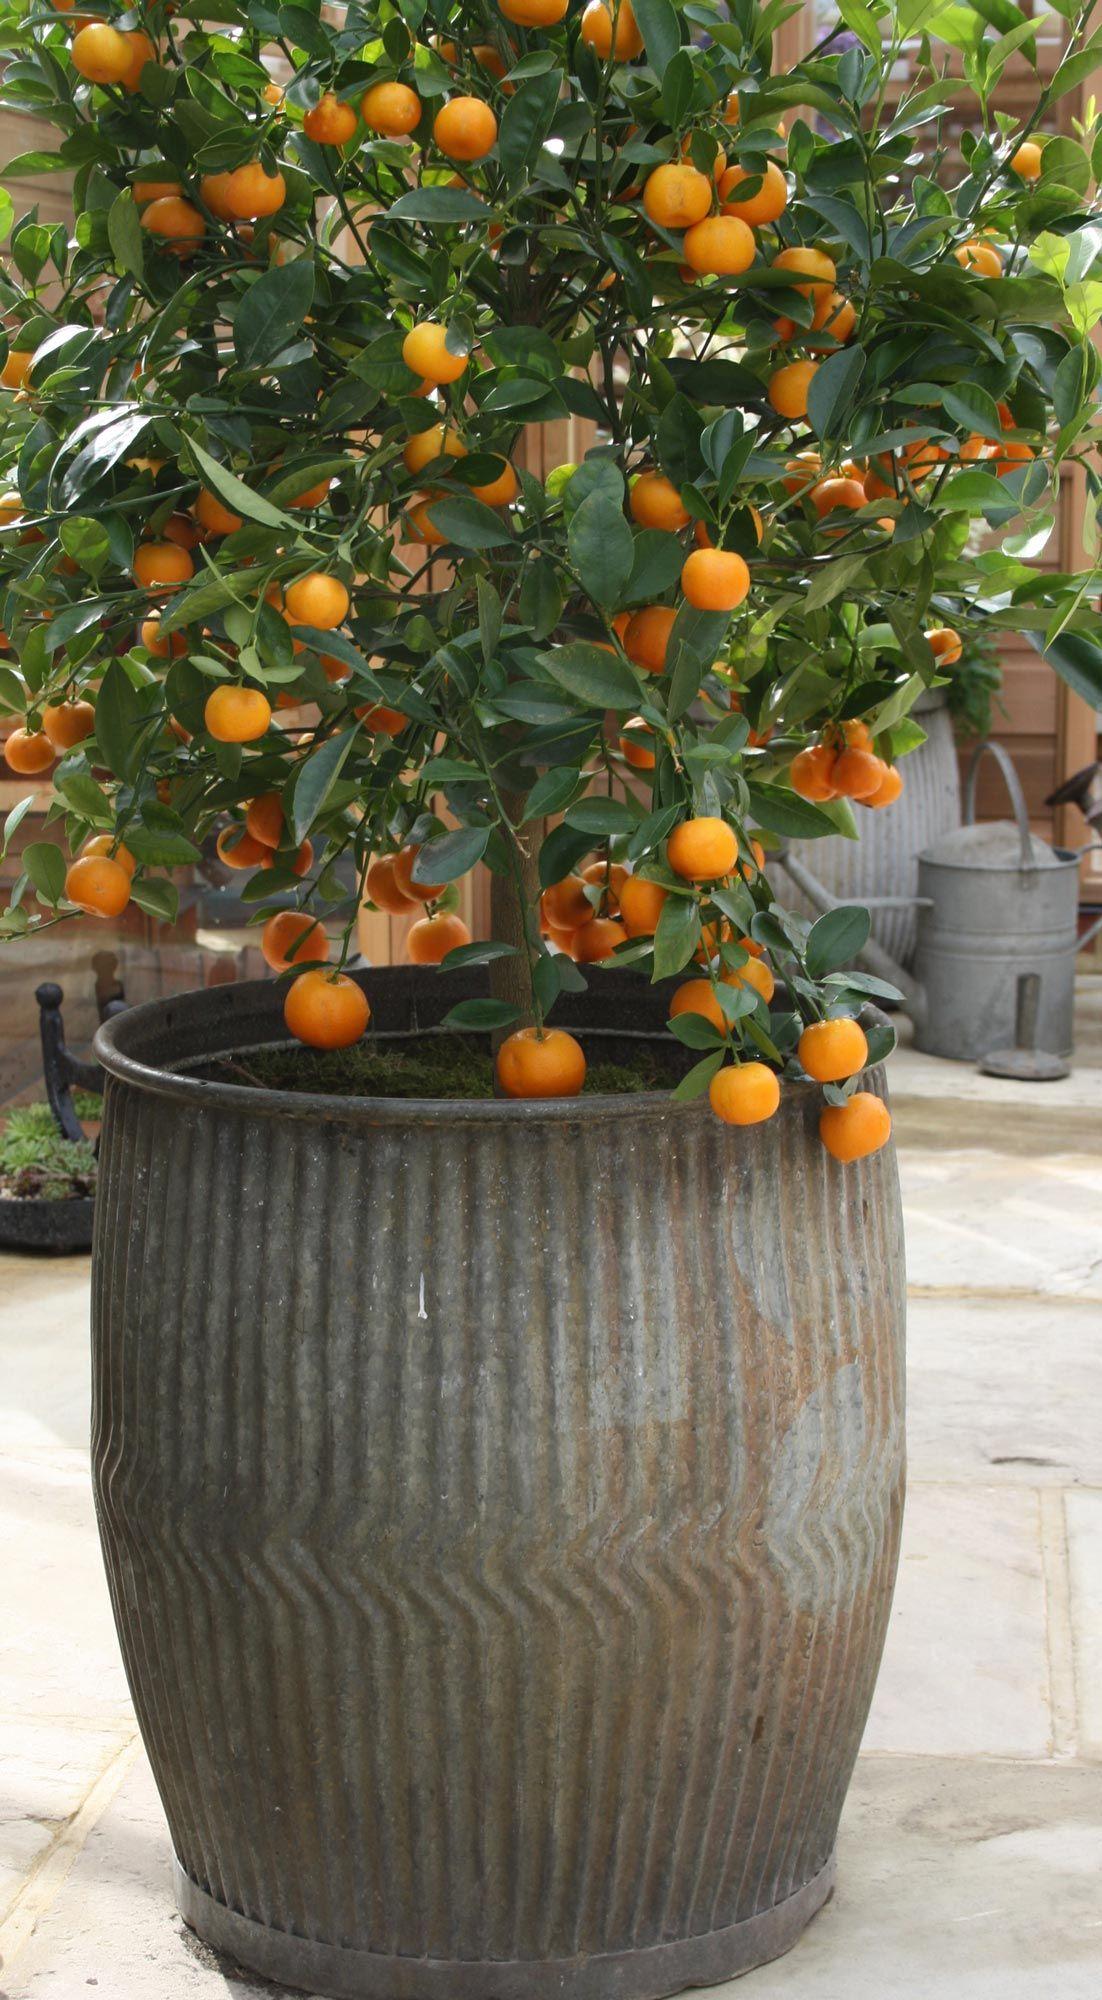 Citrus in vintage zinc barrel | Lifestyle - Horticulture ...